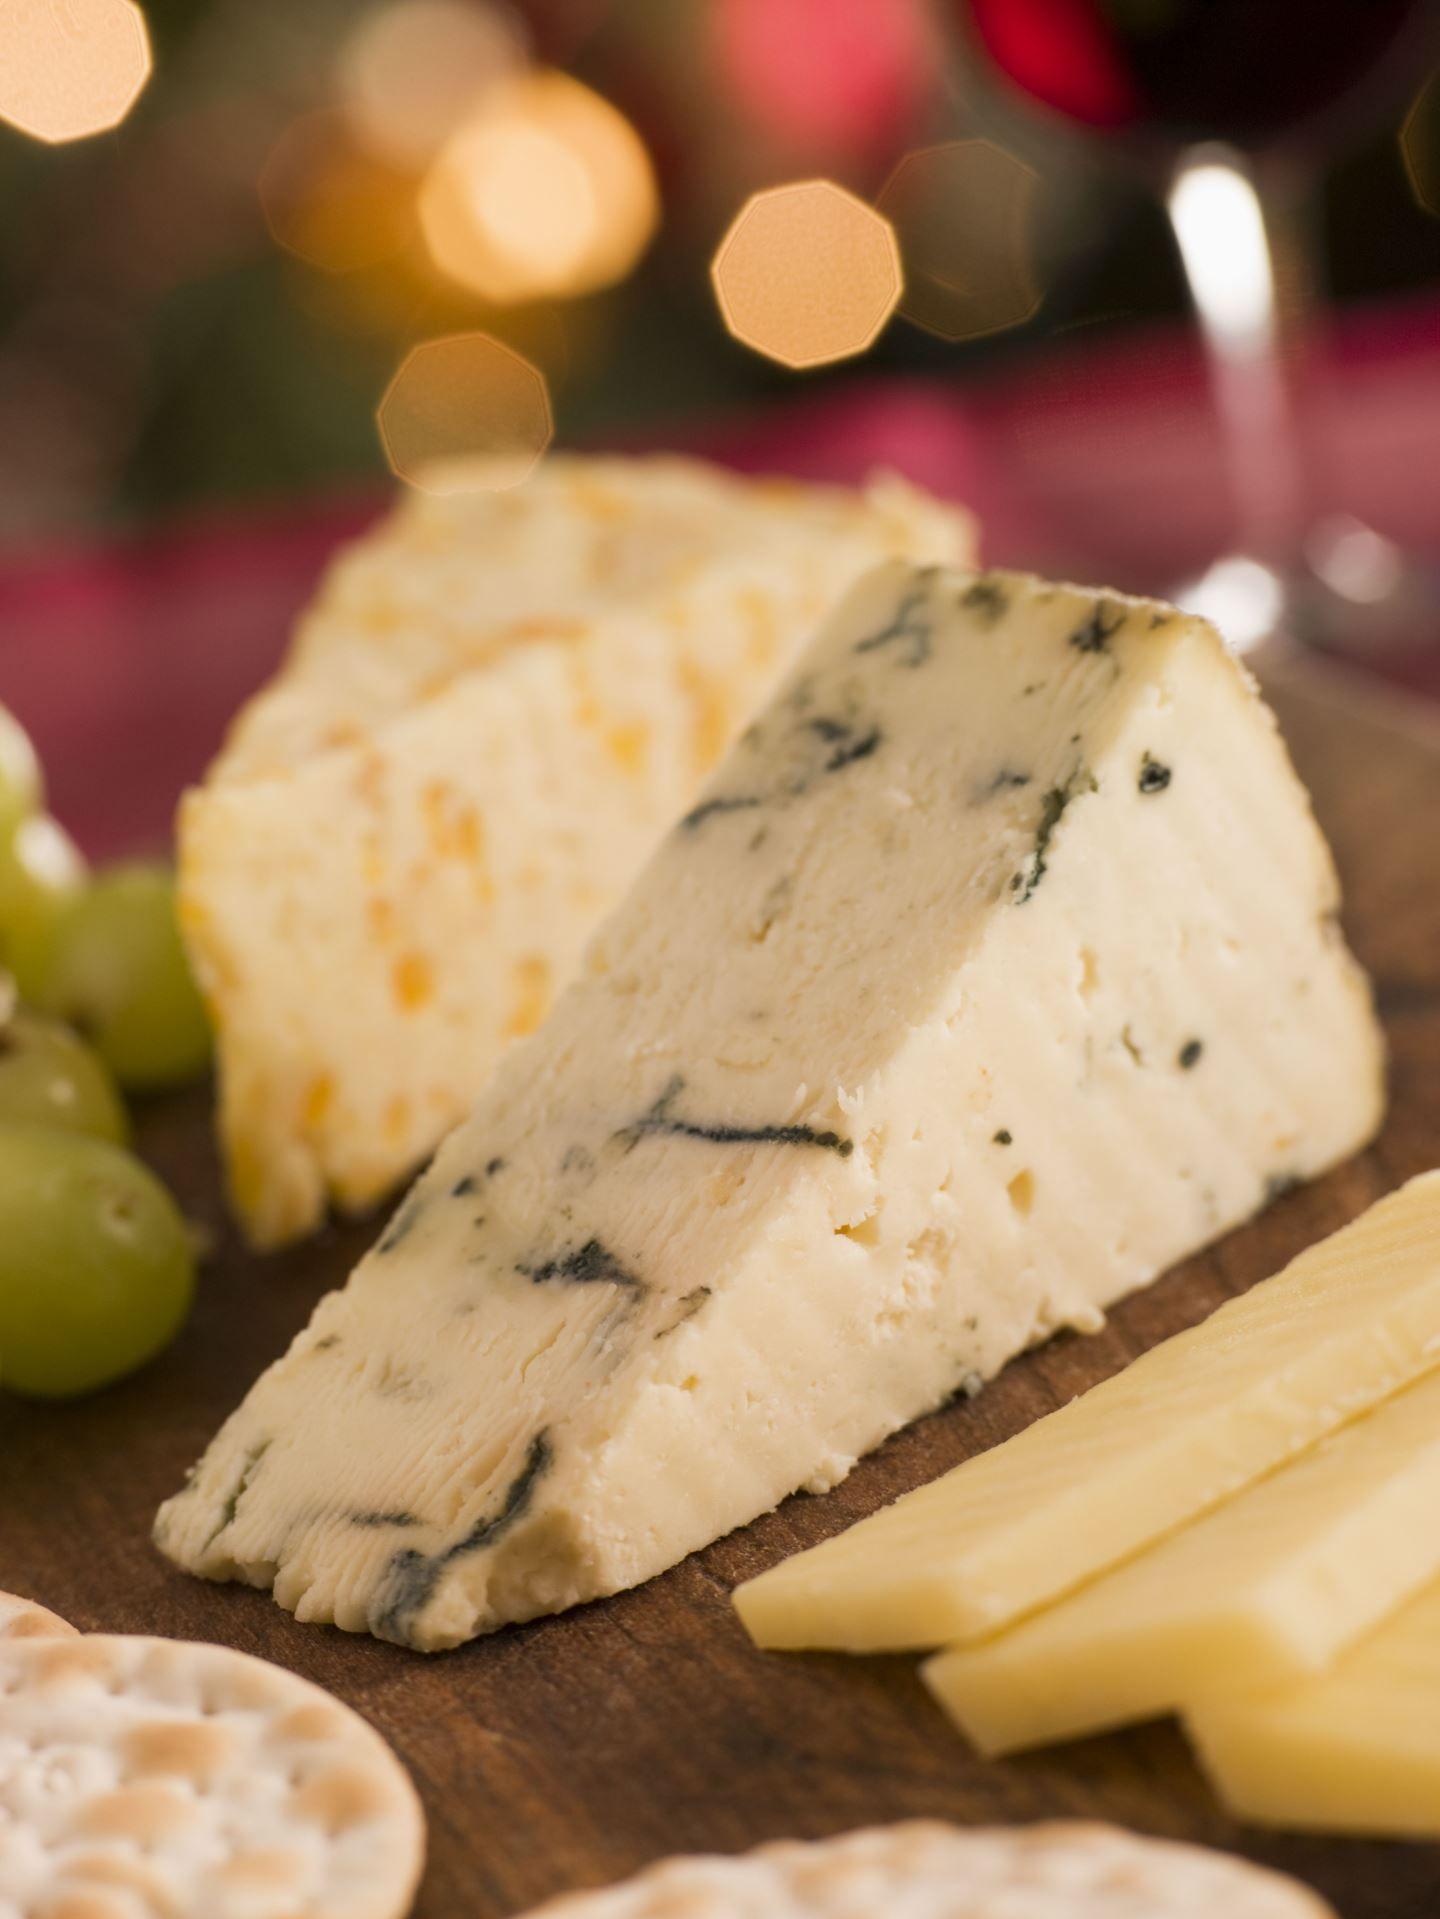 QUEIJO O queijo contém tanta proteína quanto o peru e o peixe. Para cada 4,7 calorias, você tem 1 grama de proteína.